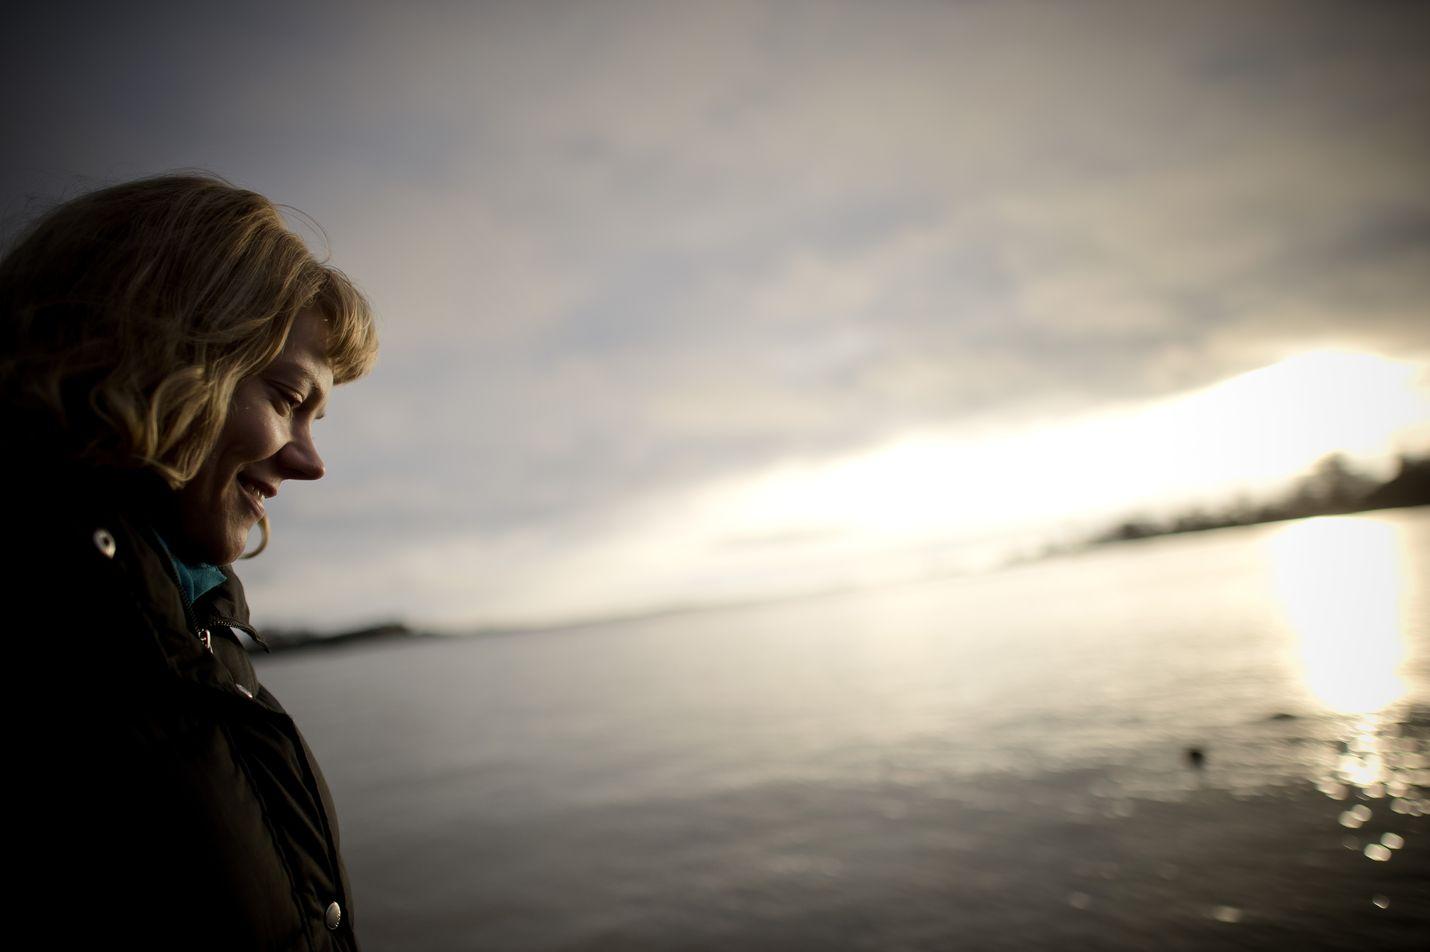 Ympäristöaktivisti Sini Saarela kuvattiin Helsingissä vuonna 2014. Nyt hän on Ruotsissa tekemässä näkyväksi öljy-yhtiö Preemin laajennussuunnitelmia.